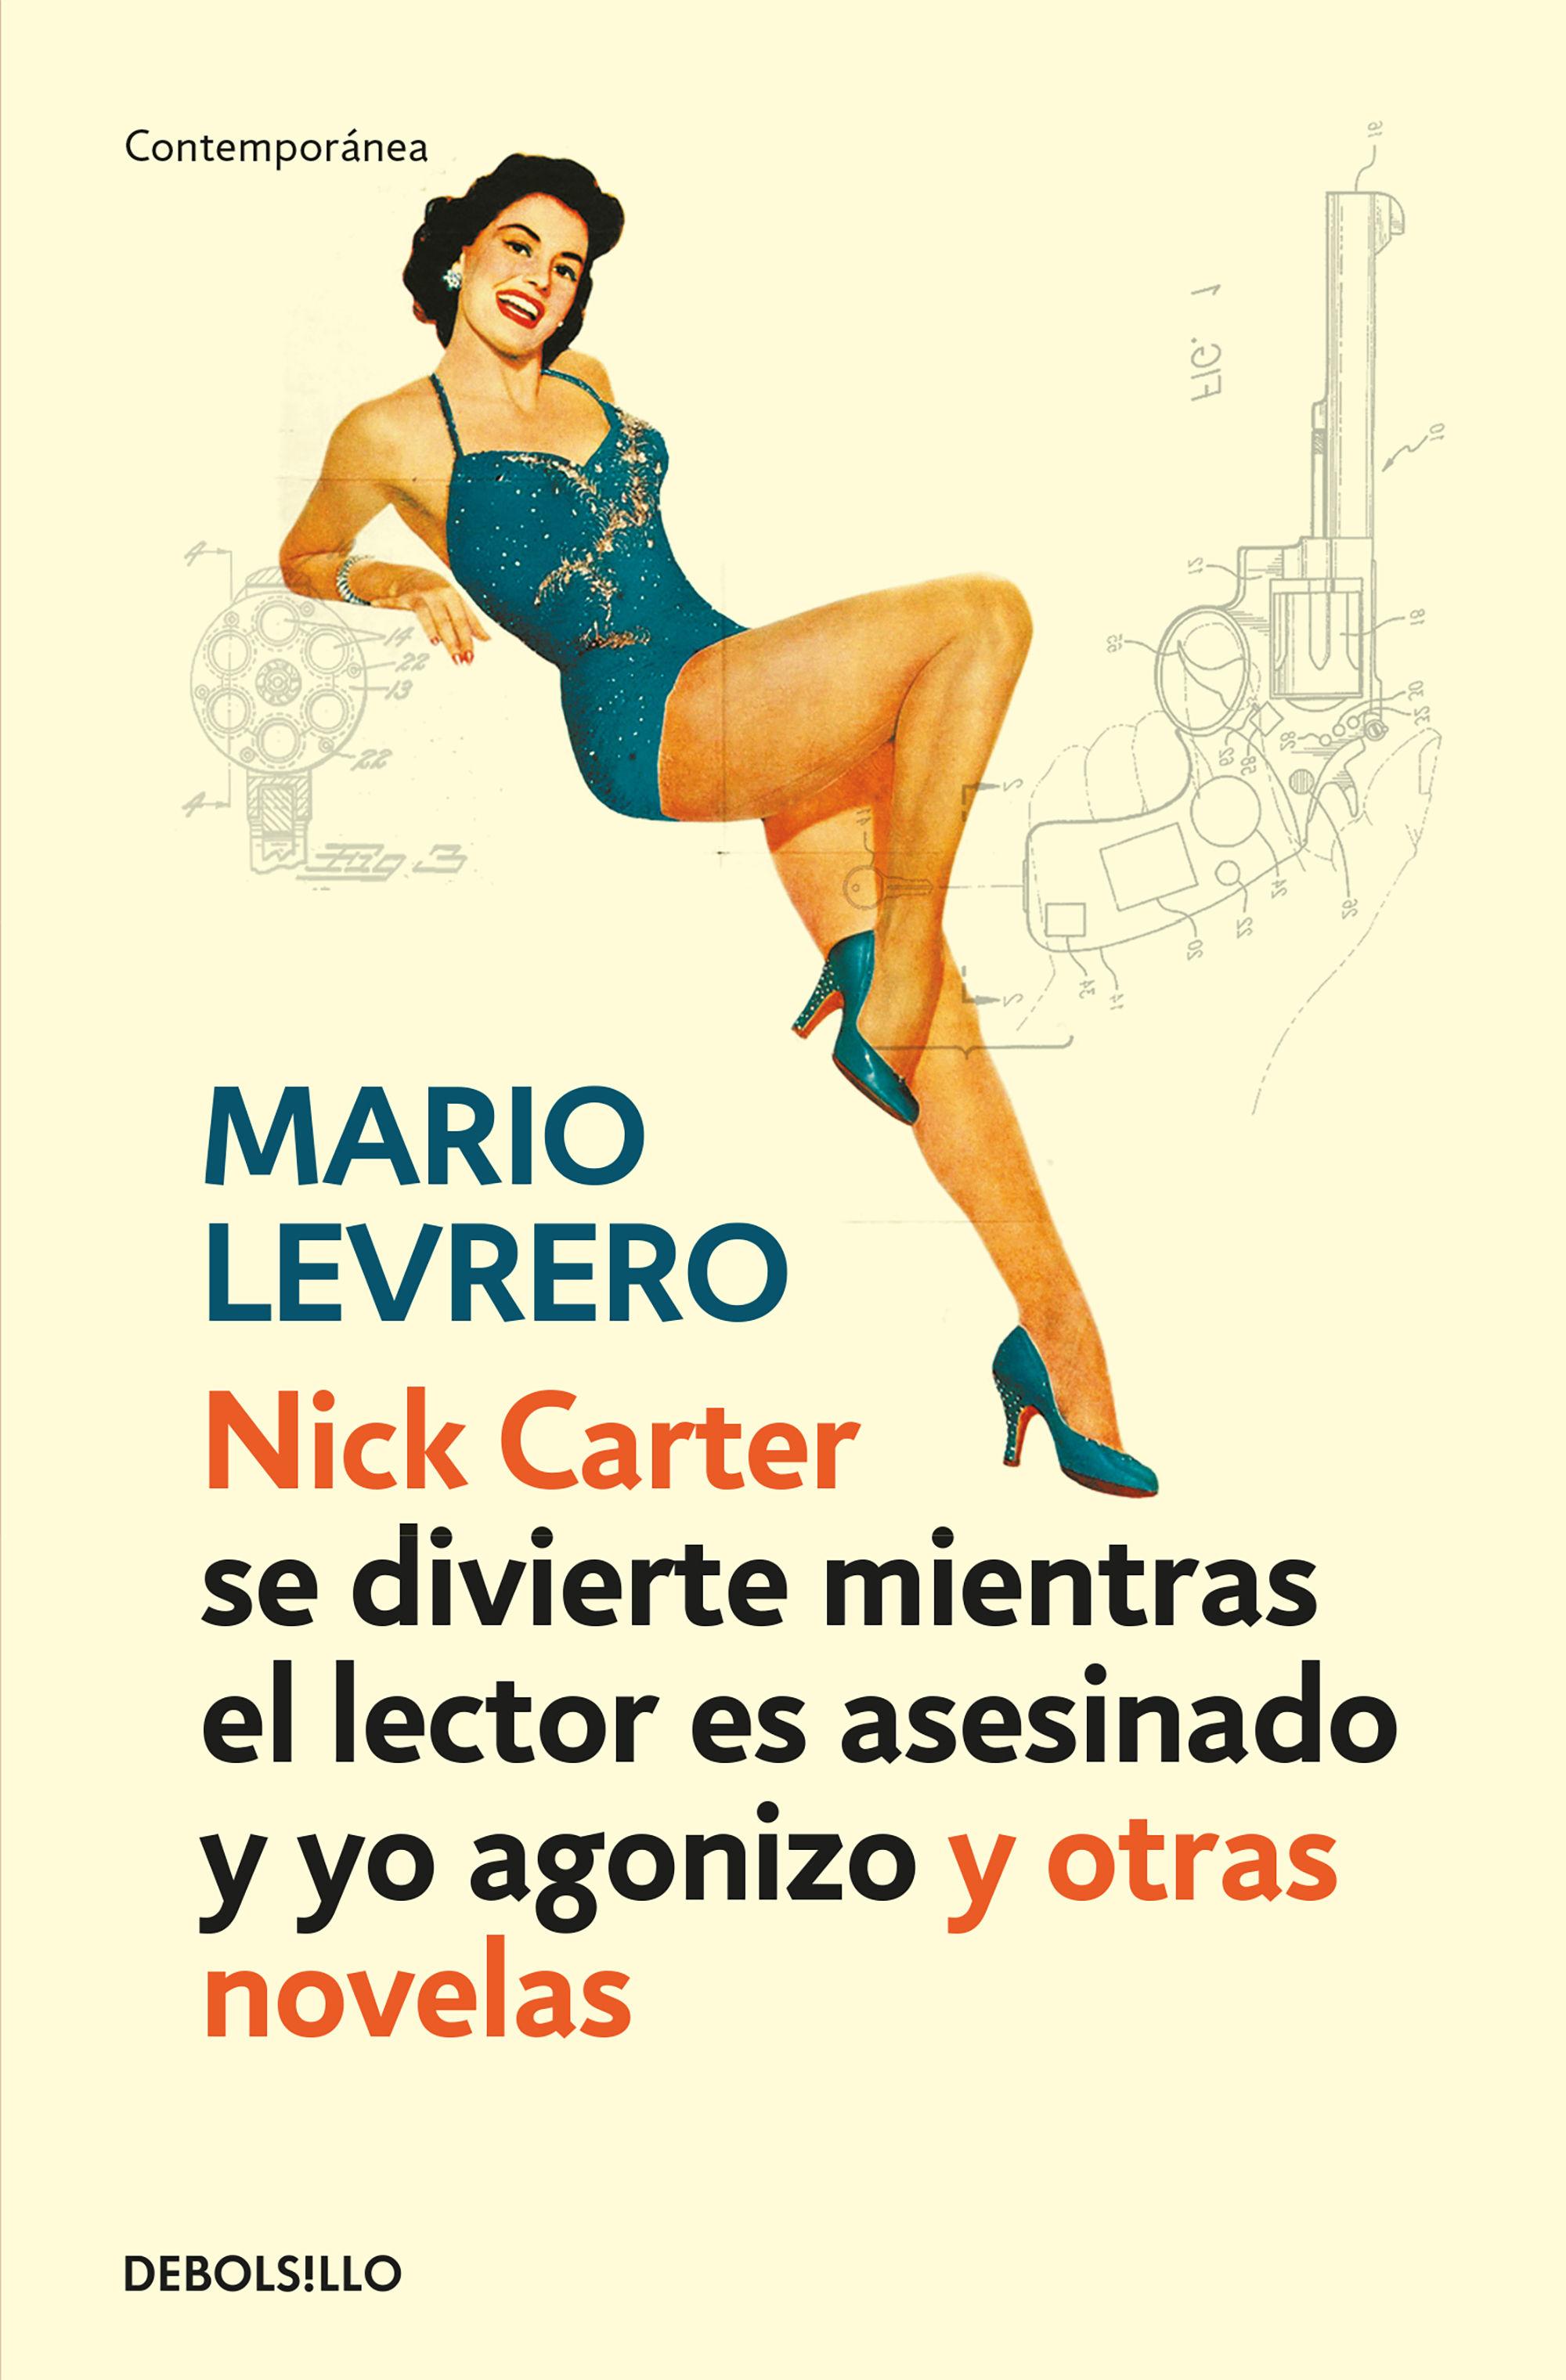 NICK CARTER Y OTRAS NOVELAS